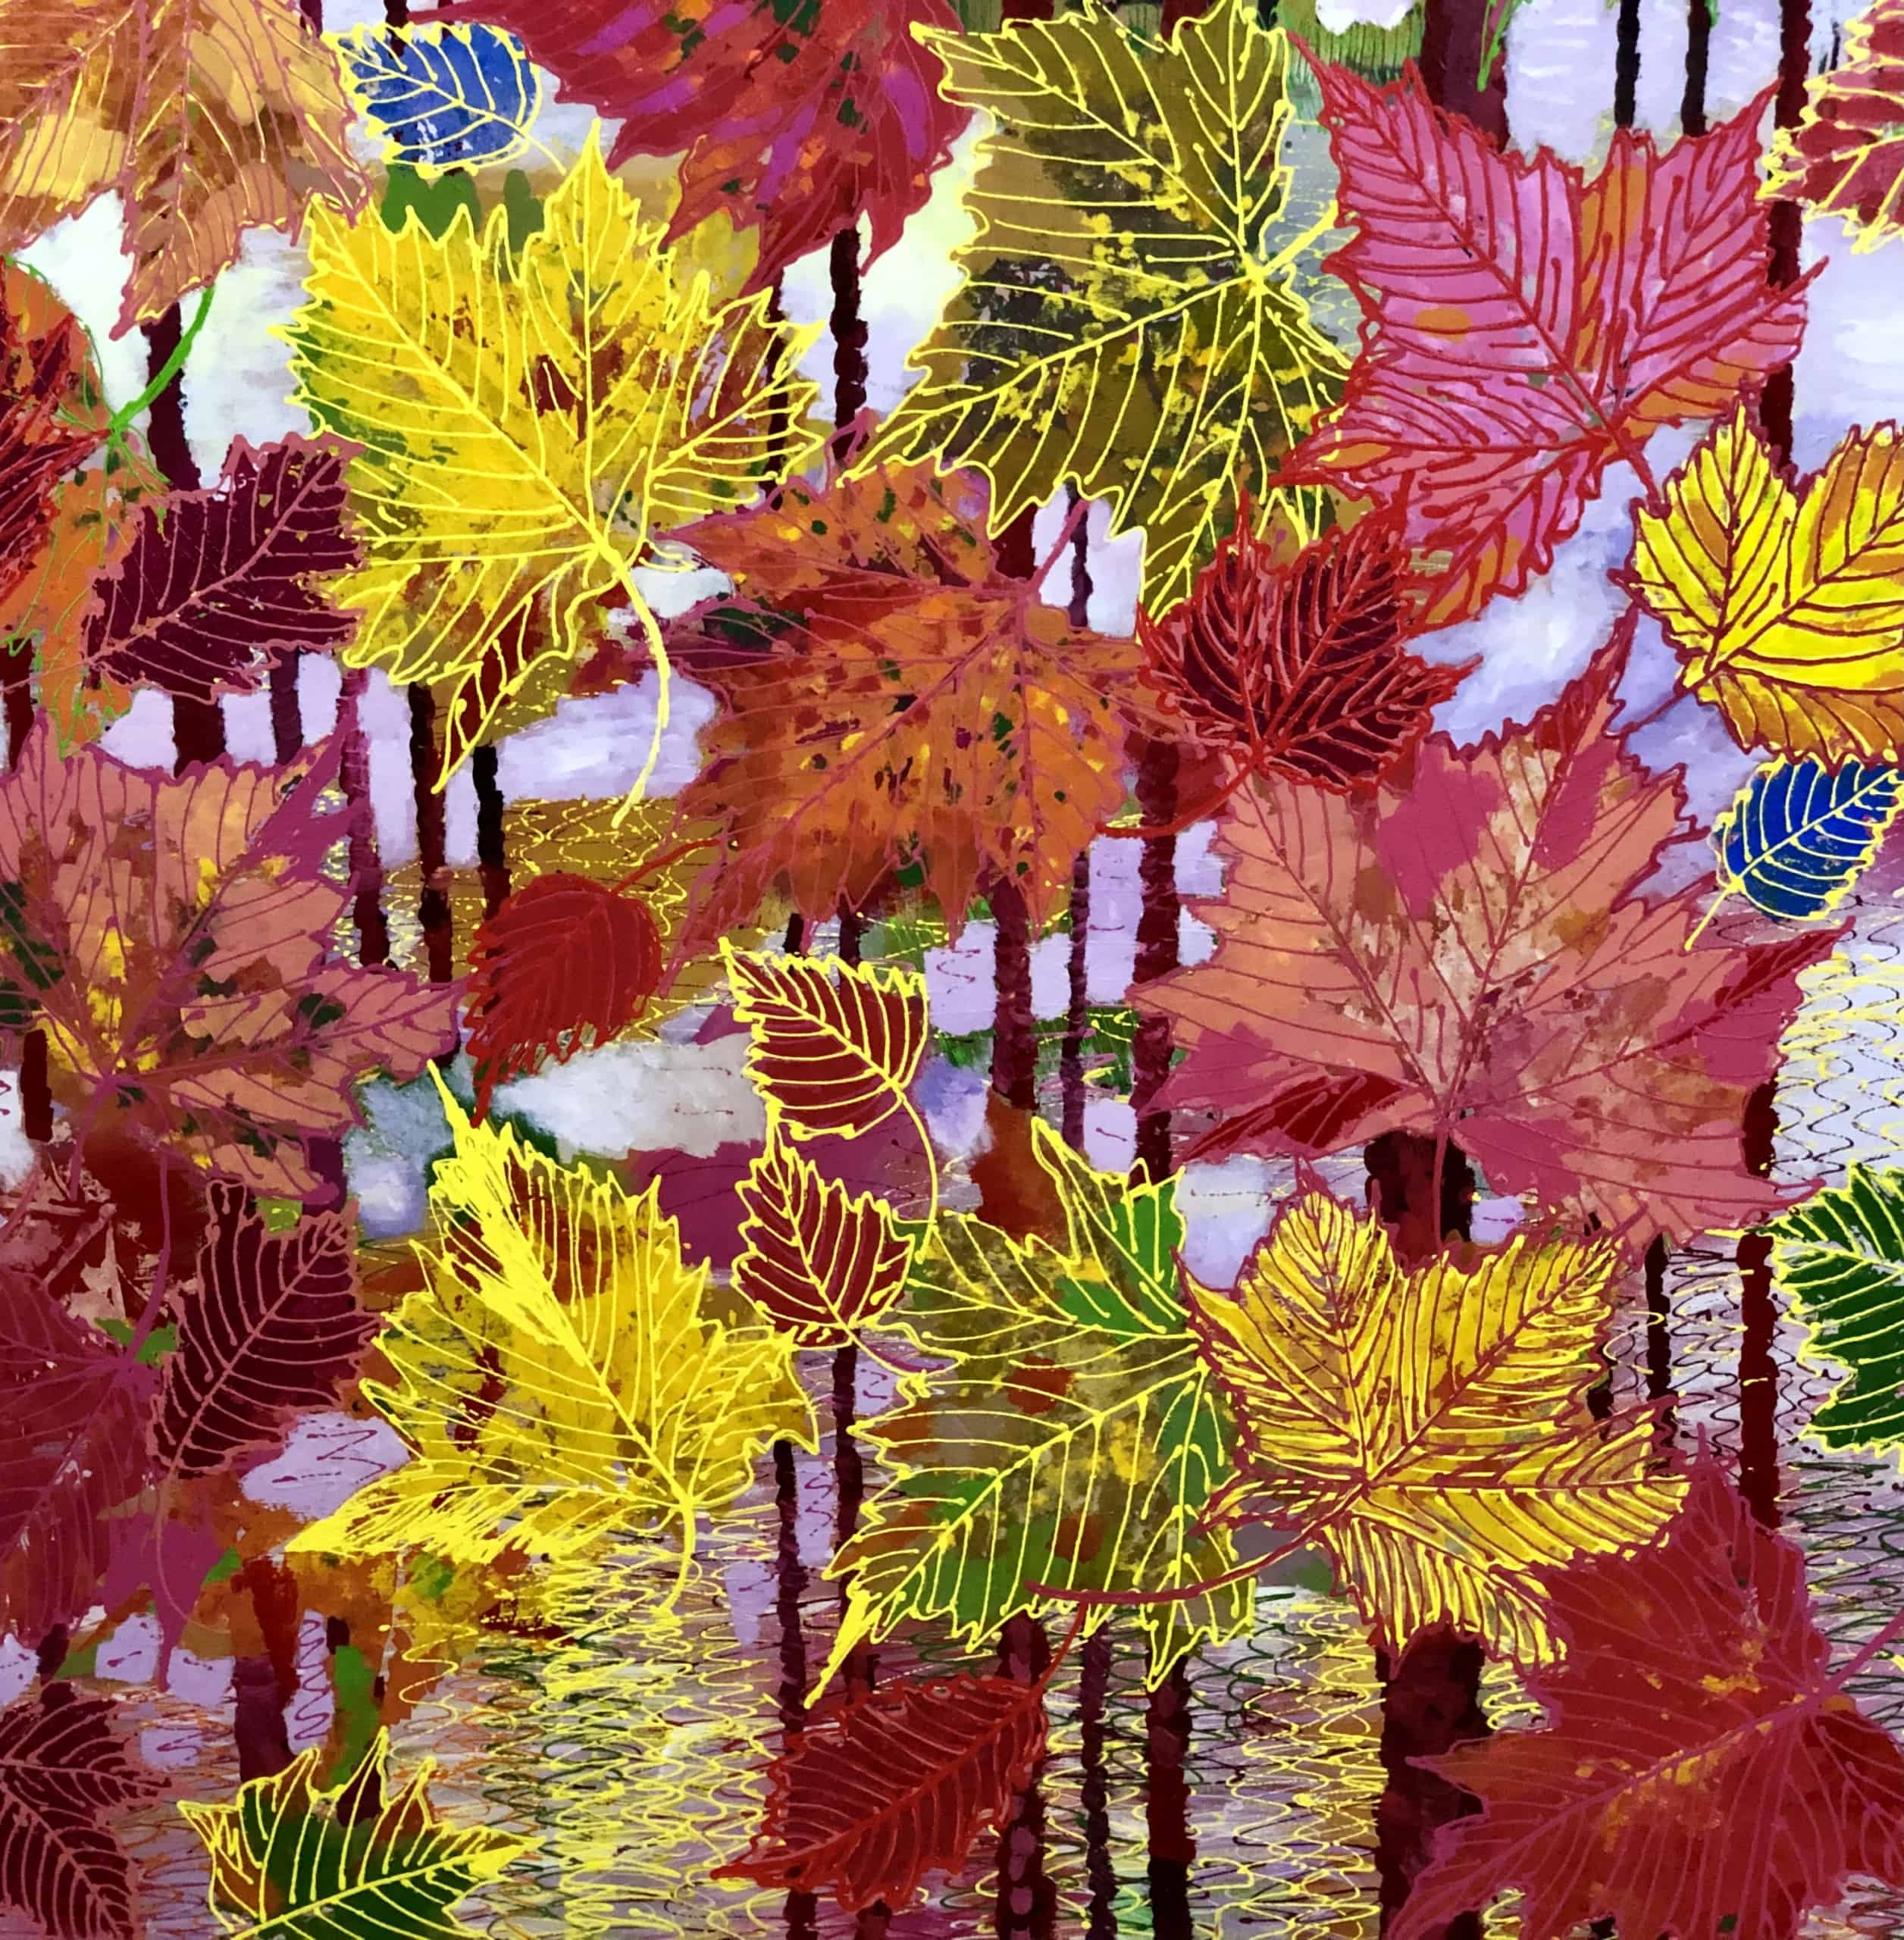 f7-autumn2019#4triptych-detail (3)